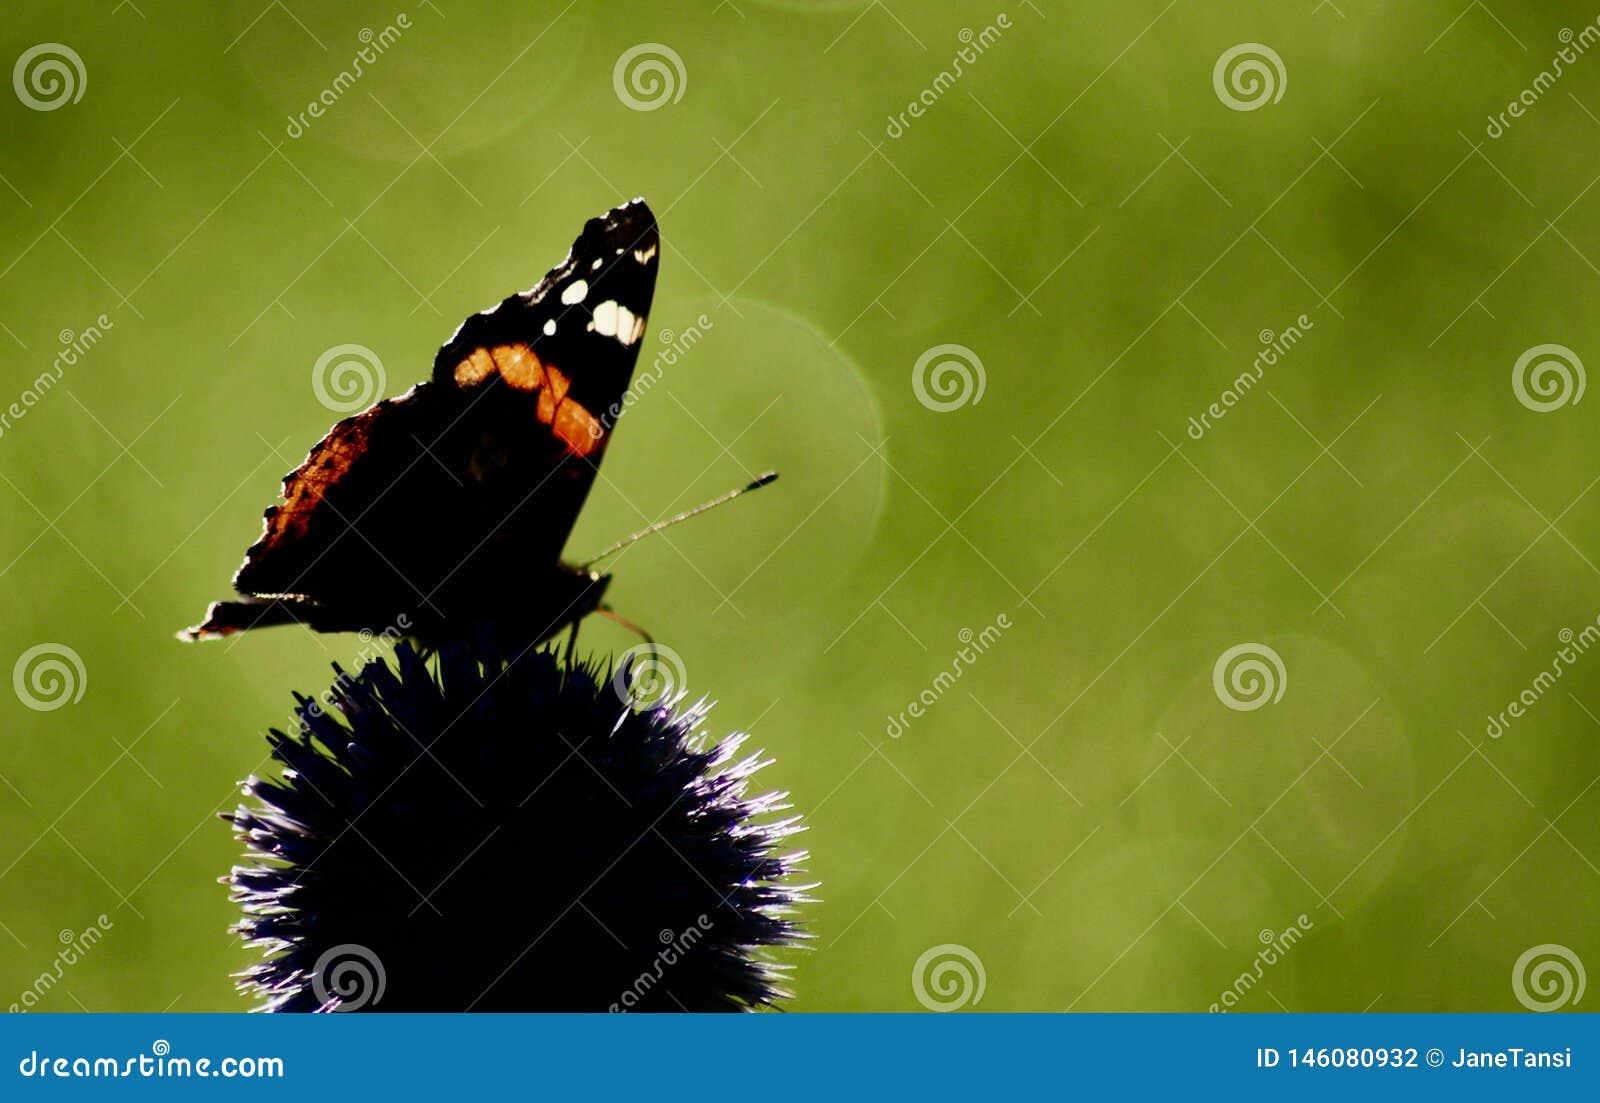 Fjäril för röd amiral på echinopsblomman mot grön suddig bakgrund